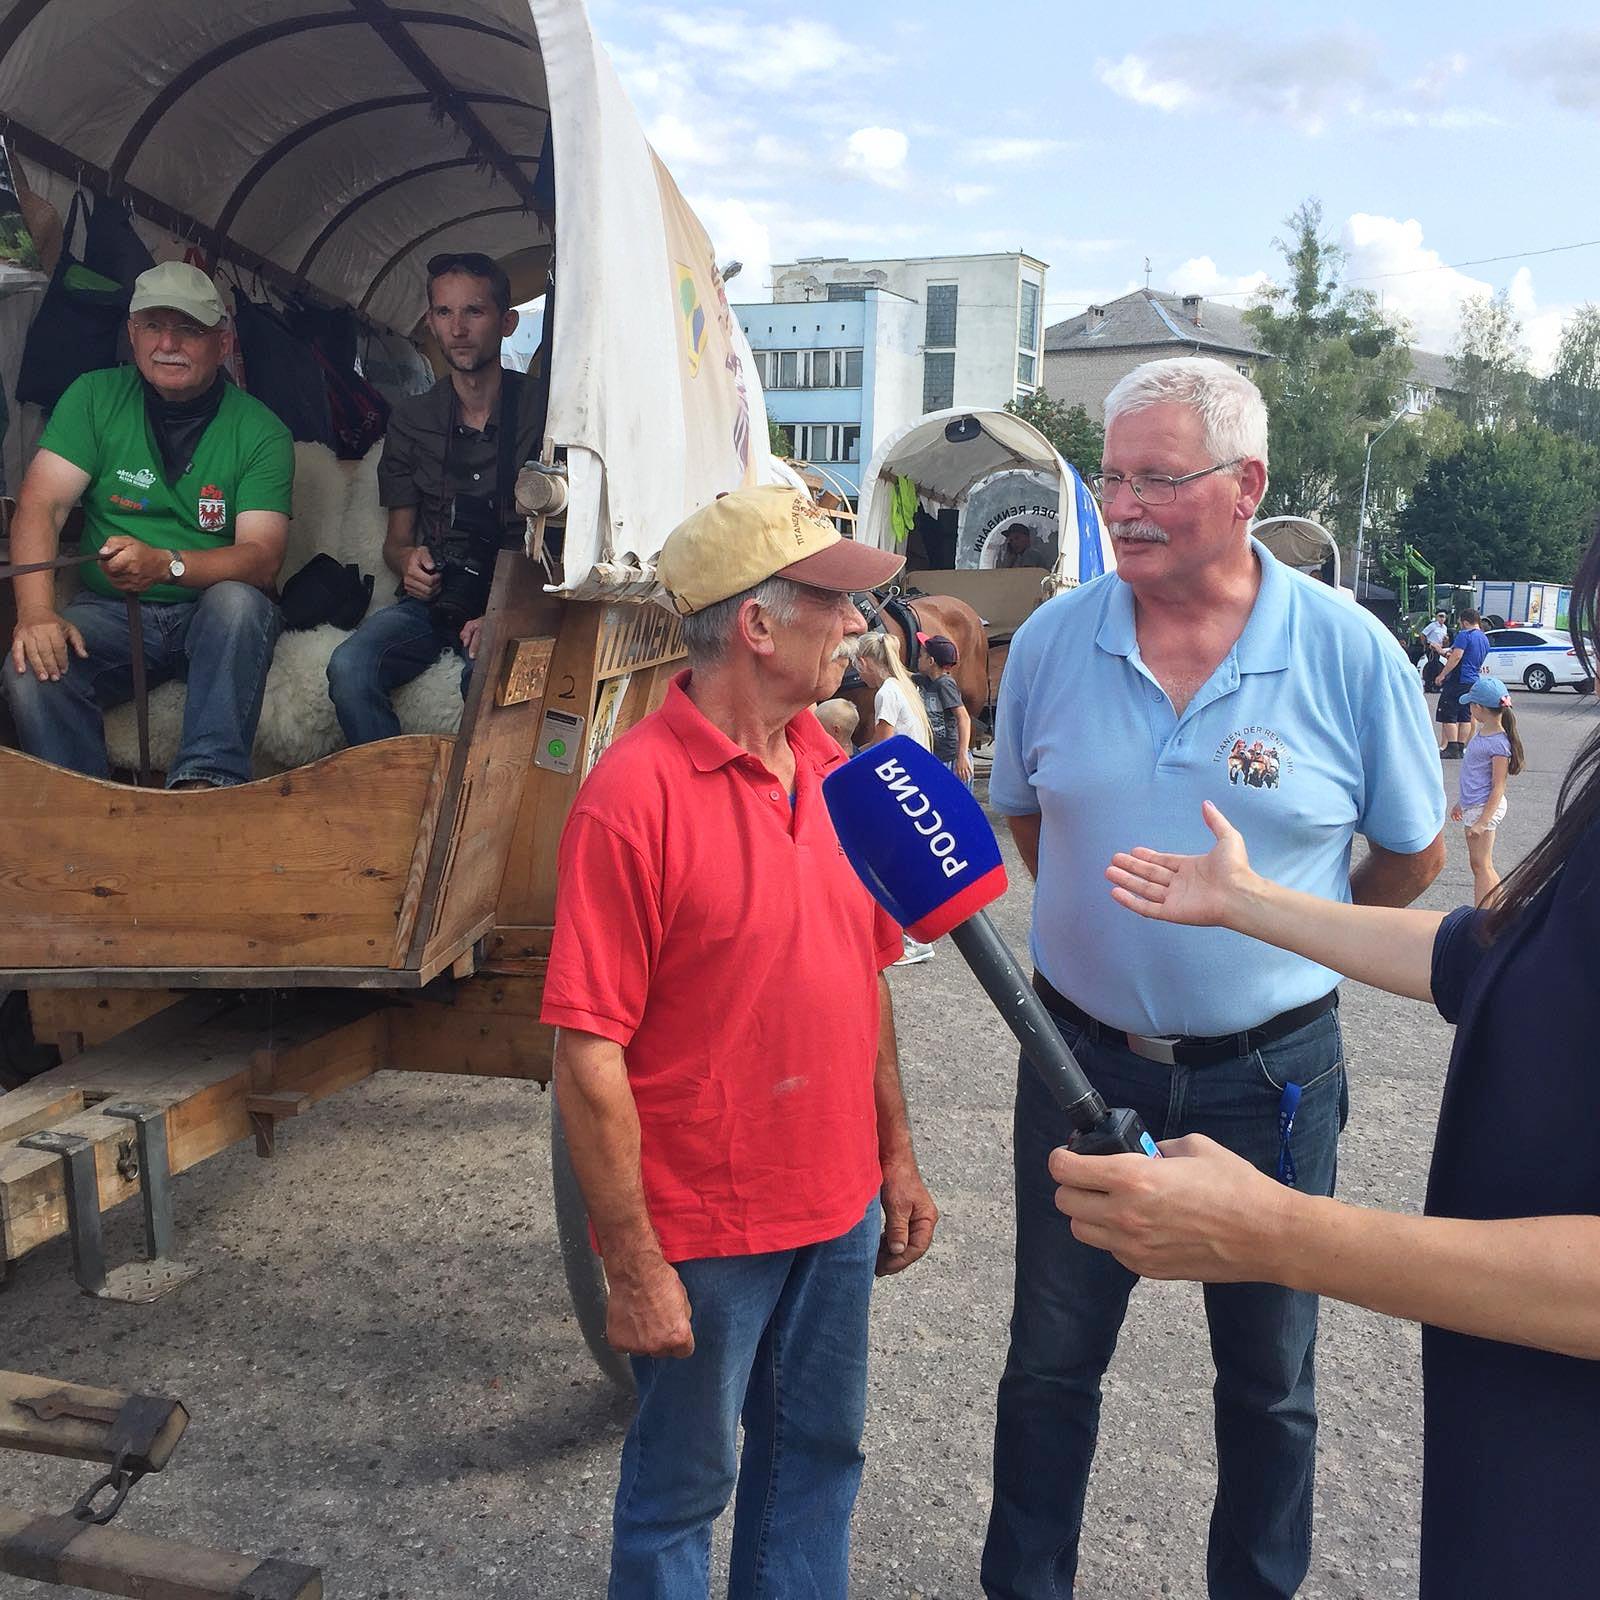 Manfred Haseloff gibt dem russischen Fernsehen ein Interview gedolmetscht von Gerhard Thiele - Titanen on tour in Kaliningrad